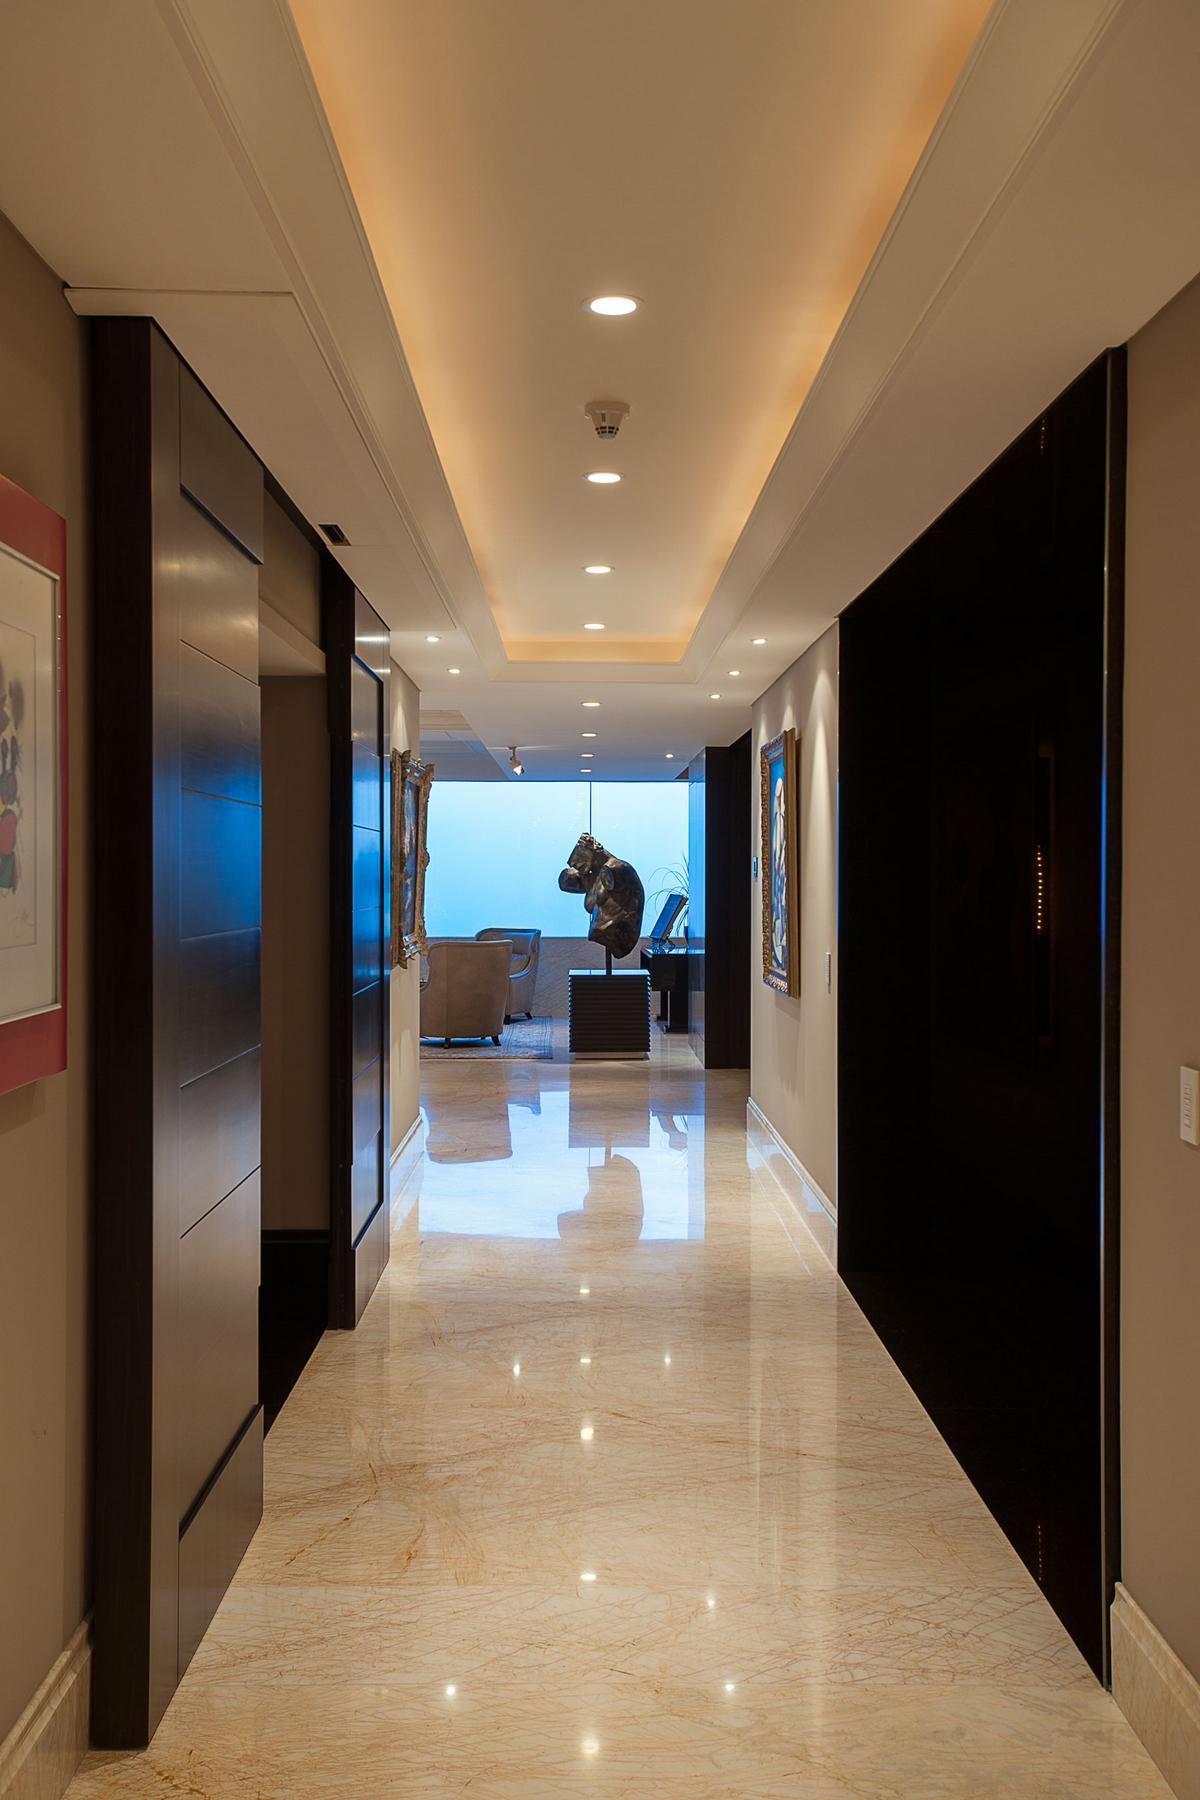 Departamento ASL, ARCO Arquitectura Contemporanea, квартира в Мехико, квартира в Мексике, шикарная квартира с видом на город, роскошный дизайн интерьера